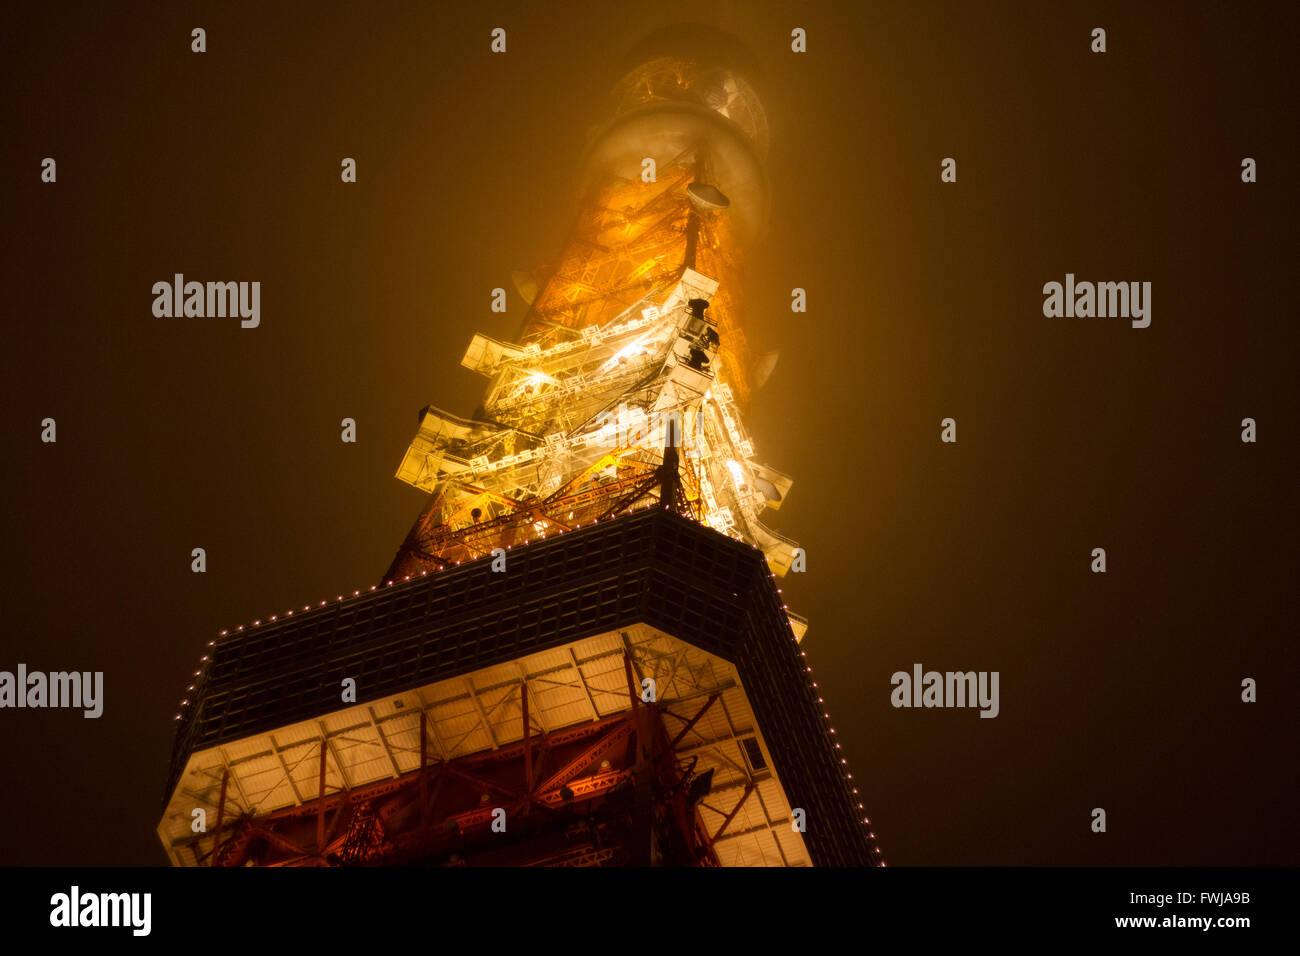 Basso angolo di vista illumina la Torre di Tokyo contro il cielo chiaro al tramonto Immagini Stock